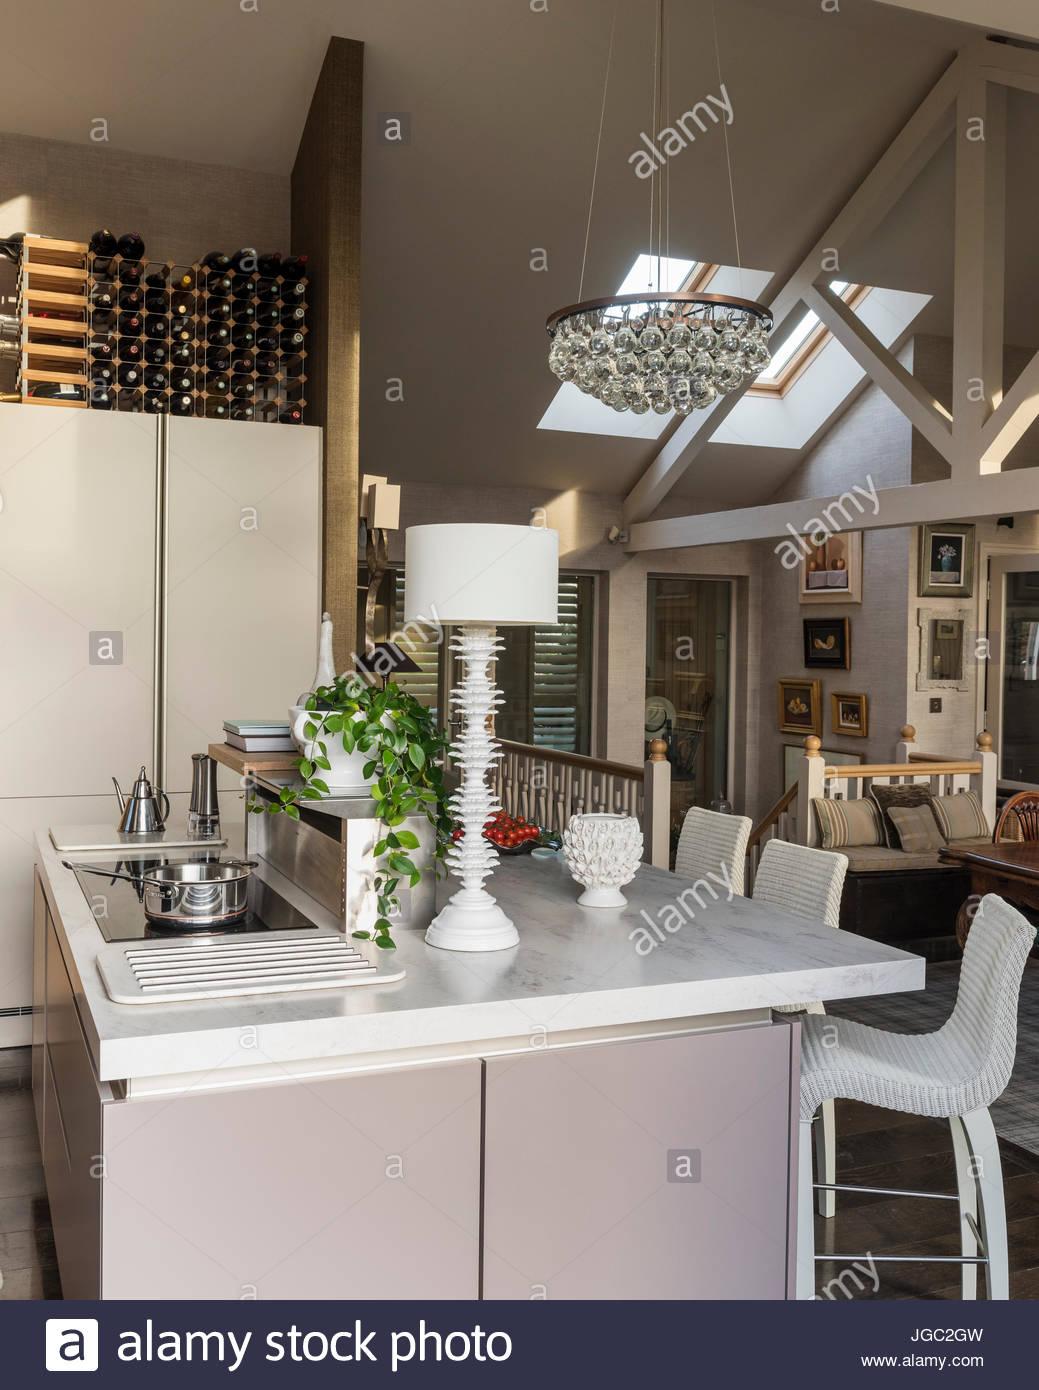 Pendentif Ampoule et support de vin au-dessus d'un comptoir à petit-déjeuner dans une cuisine du berceau Photo Stock